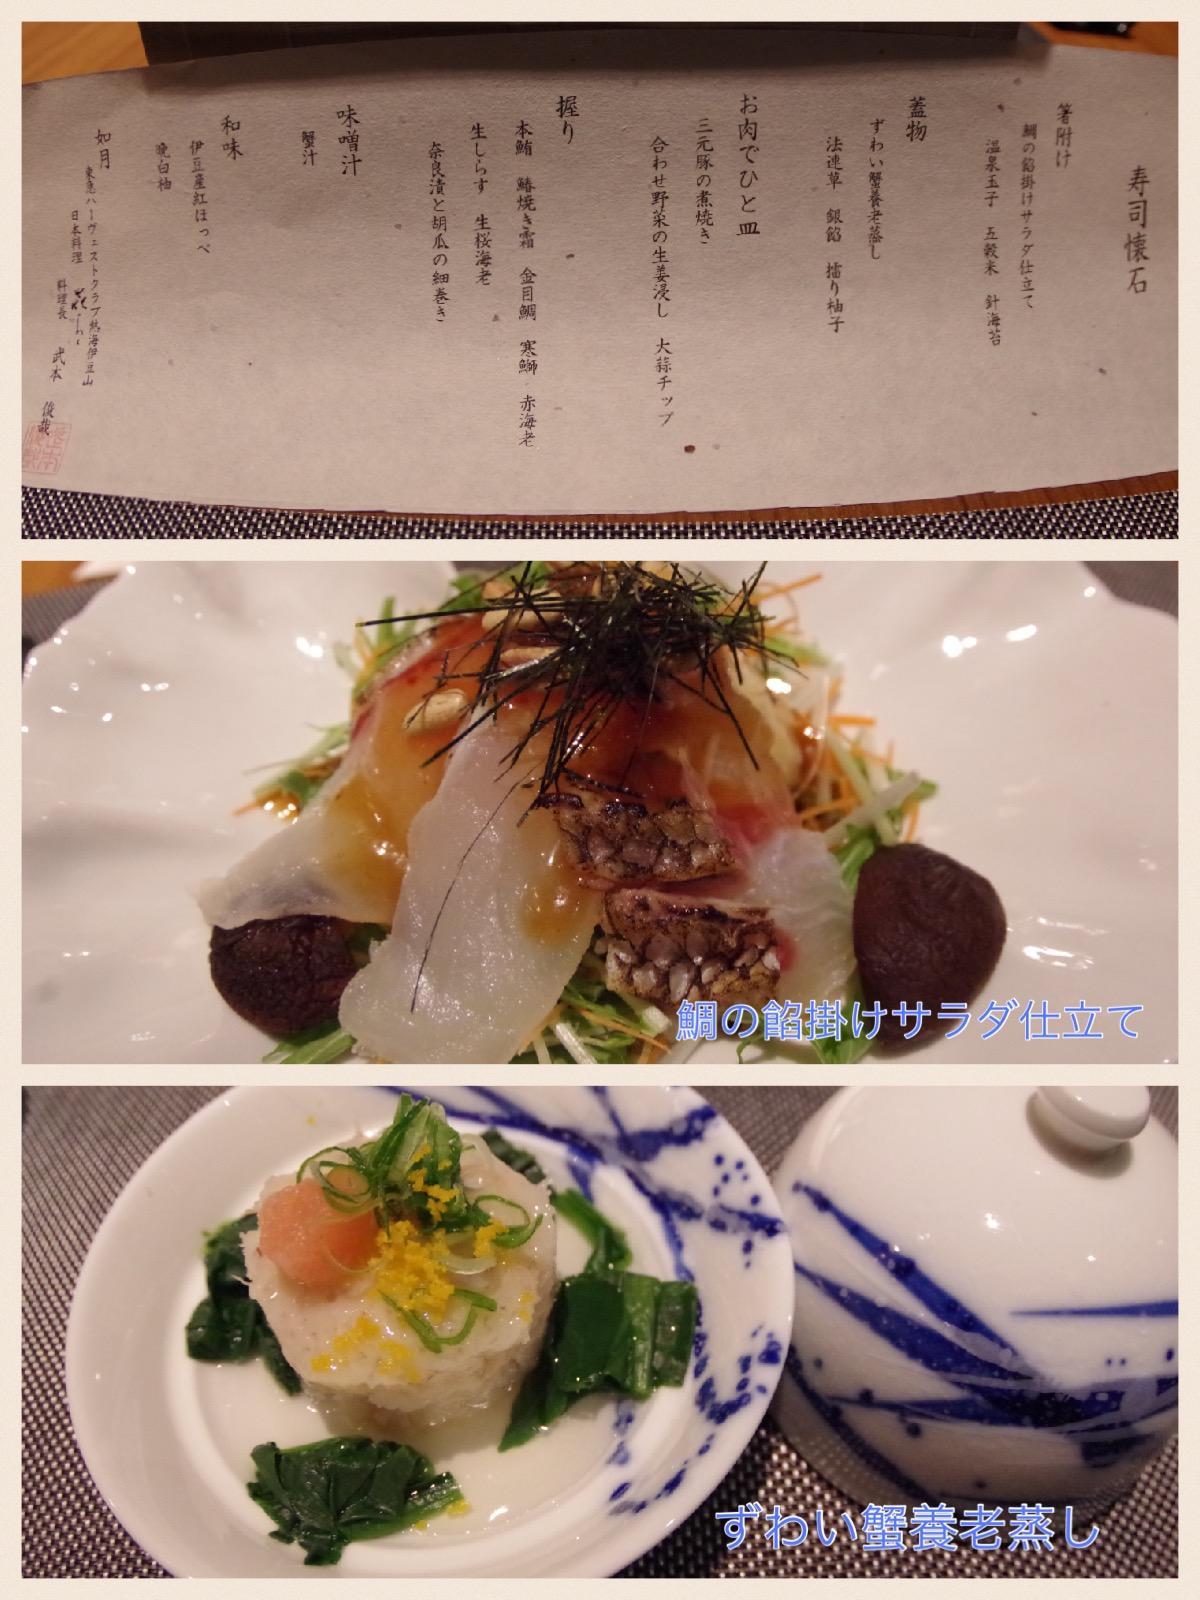 東急ハーベストクラブ熱海伊豆山レストラン